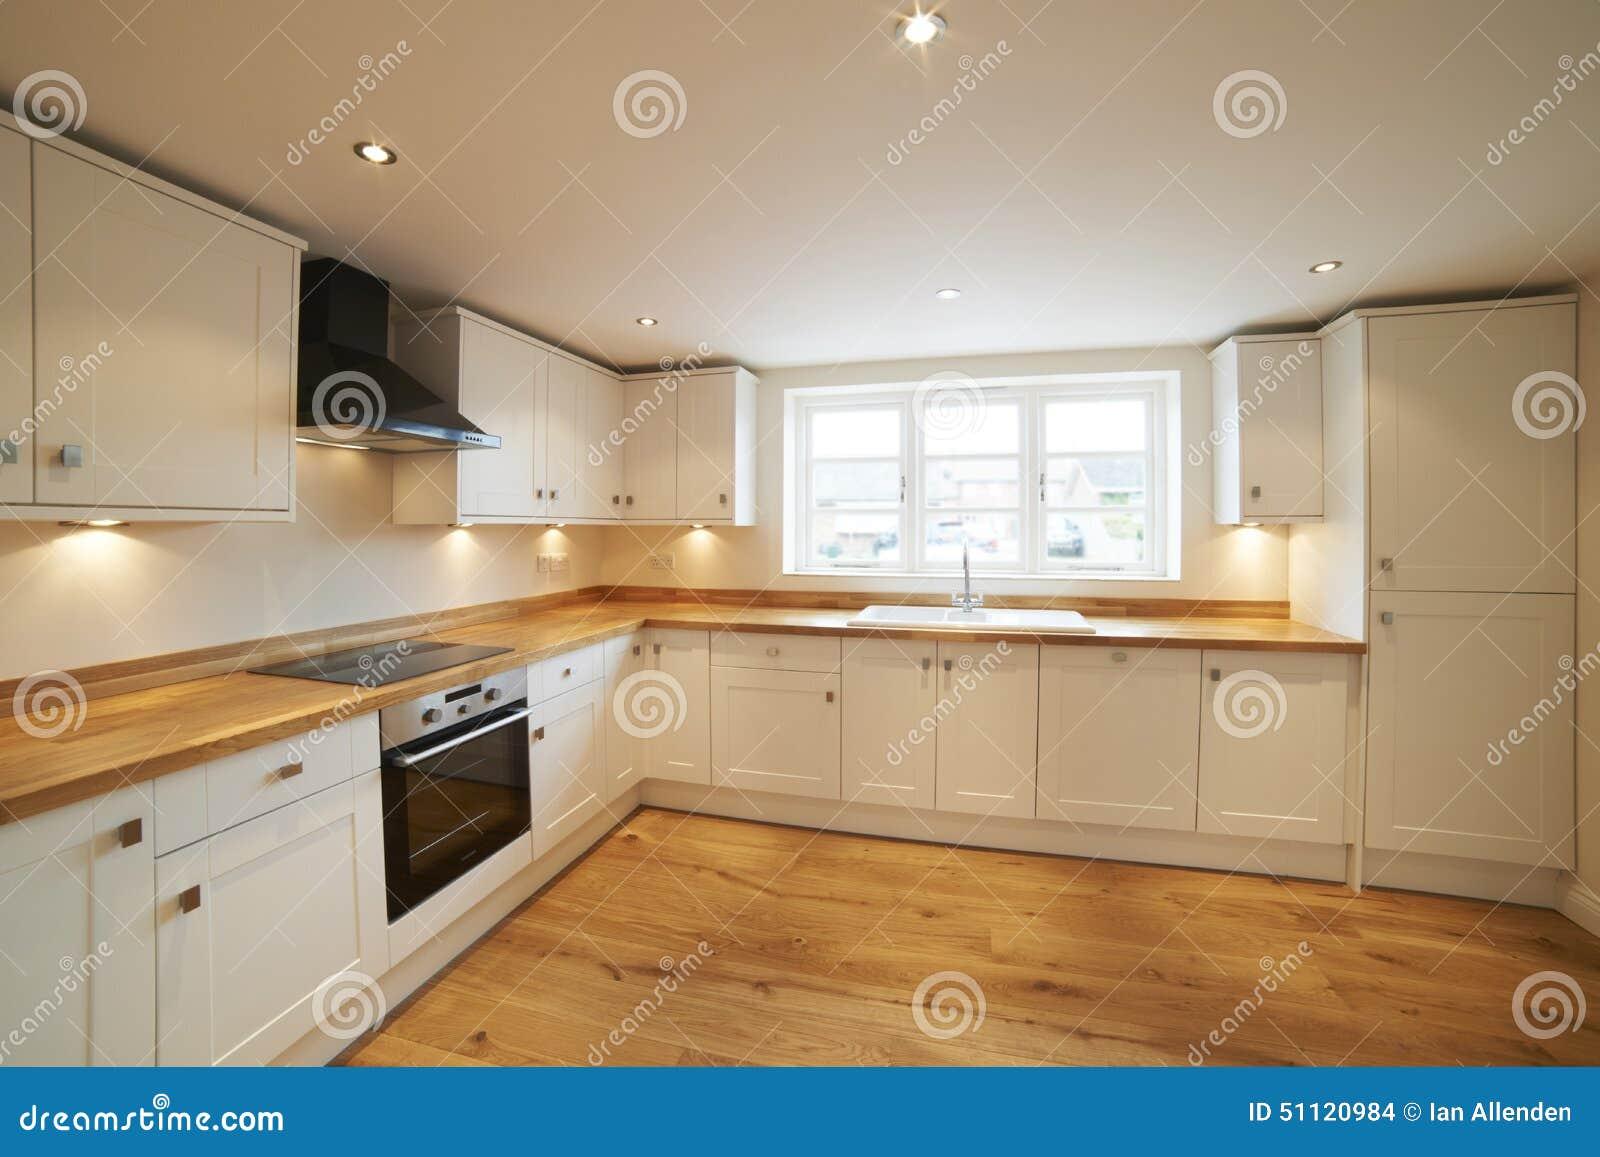 Mooie gepaste keuken in modern huis met houten vloer stock foto ...